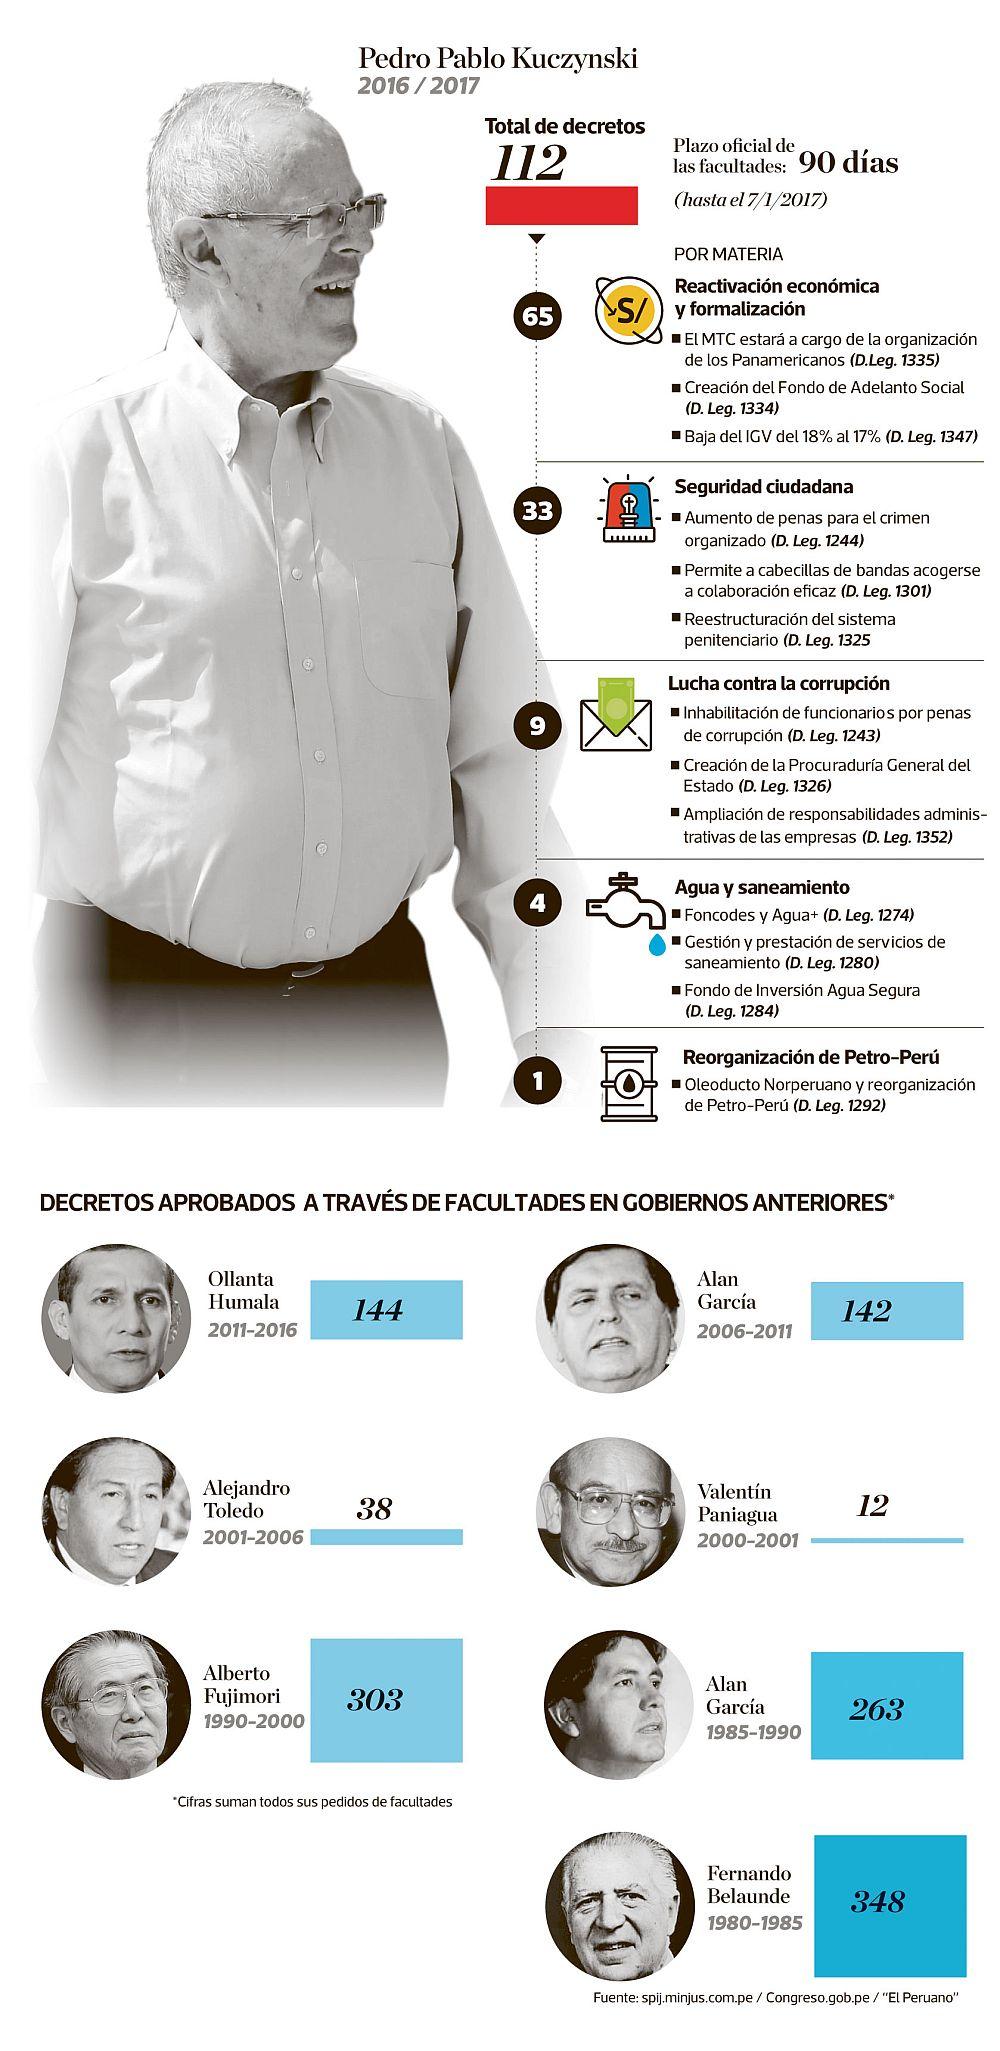 Ayer se venció el plazo que dio el Congreso al gobierno de PPK para usar facultades legislativas. En total, fueron 112 decretos. (Elaboración: Raúl Rodríguez)